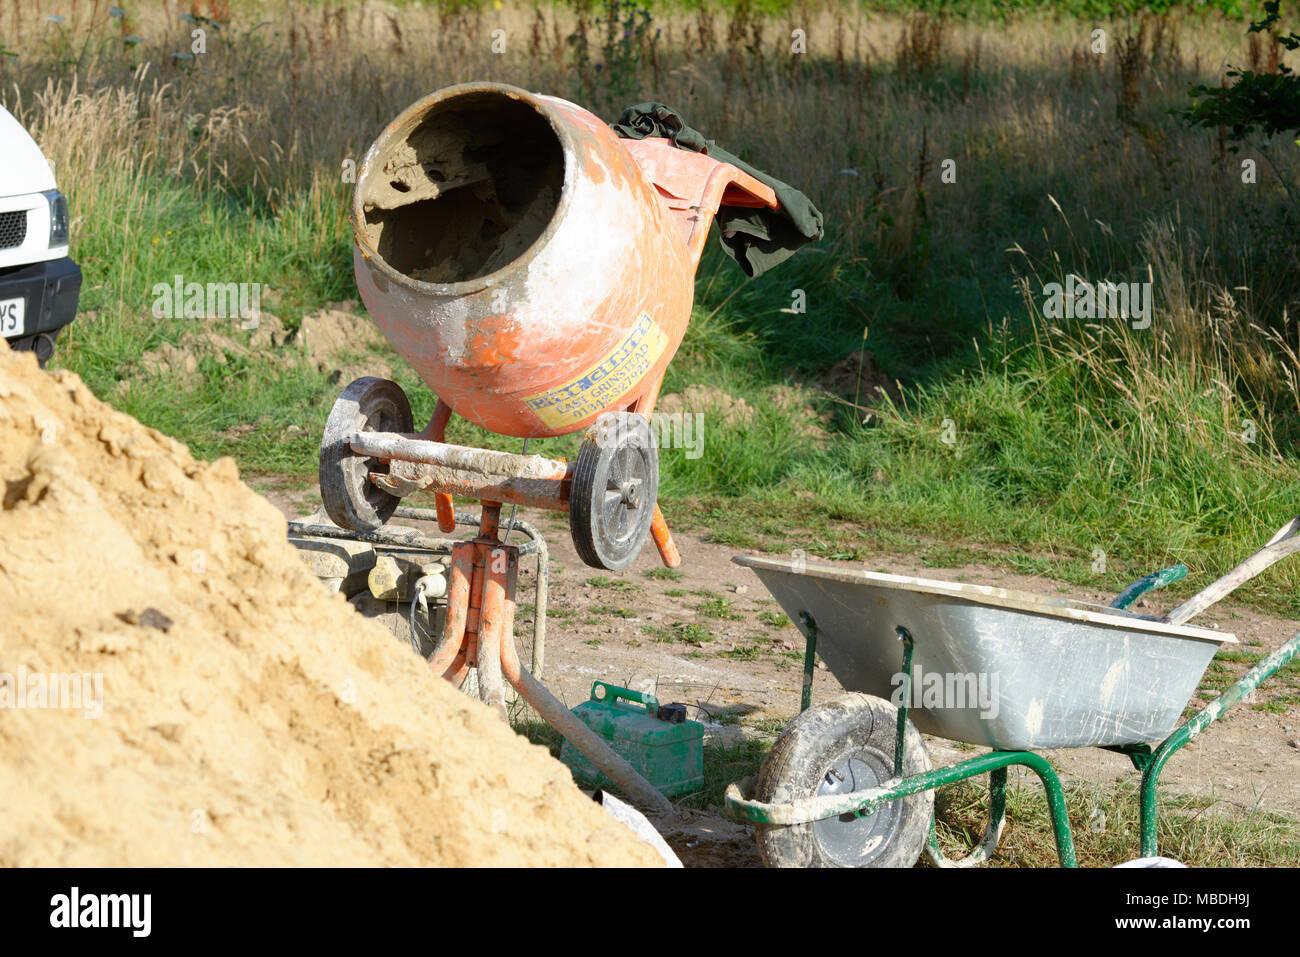 Orange cement mixer on site. - Stock Image